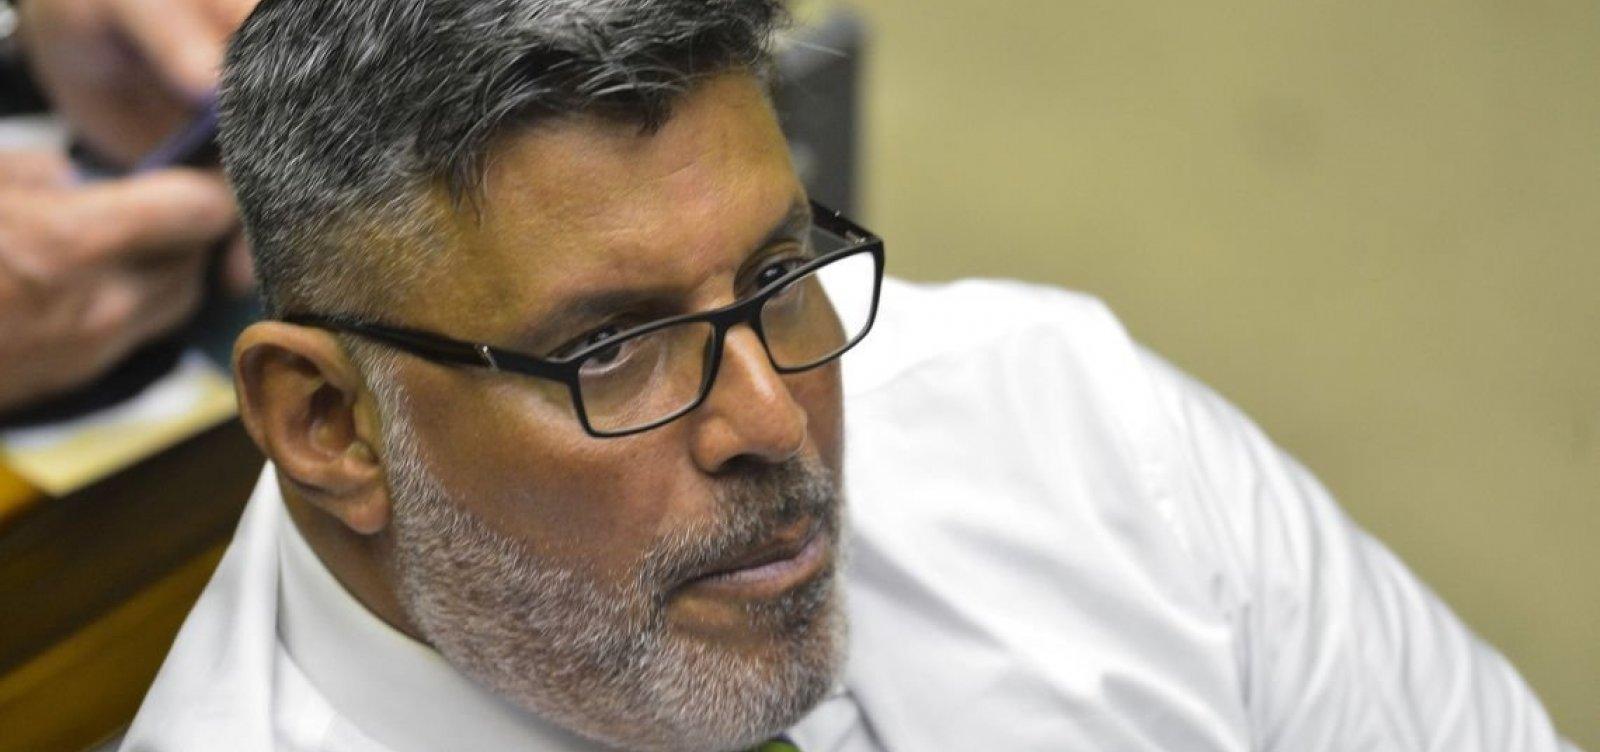 Frota afirma que Pabllo Vittar faria trabalho de ministra melhor que Damares